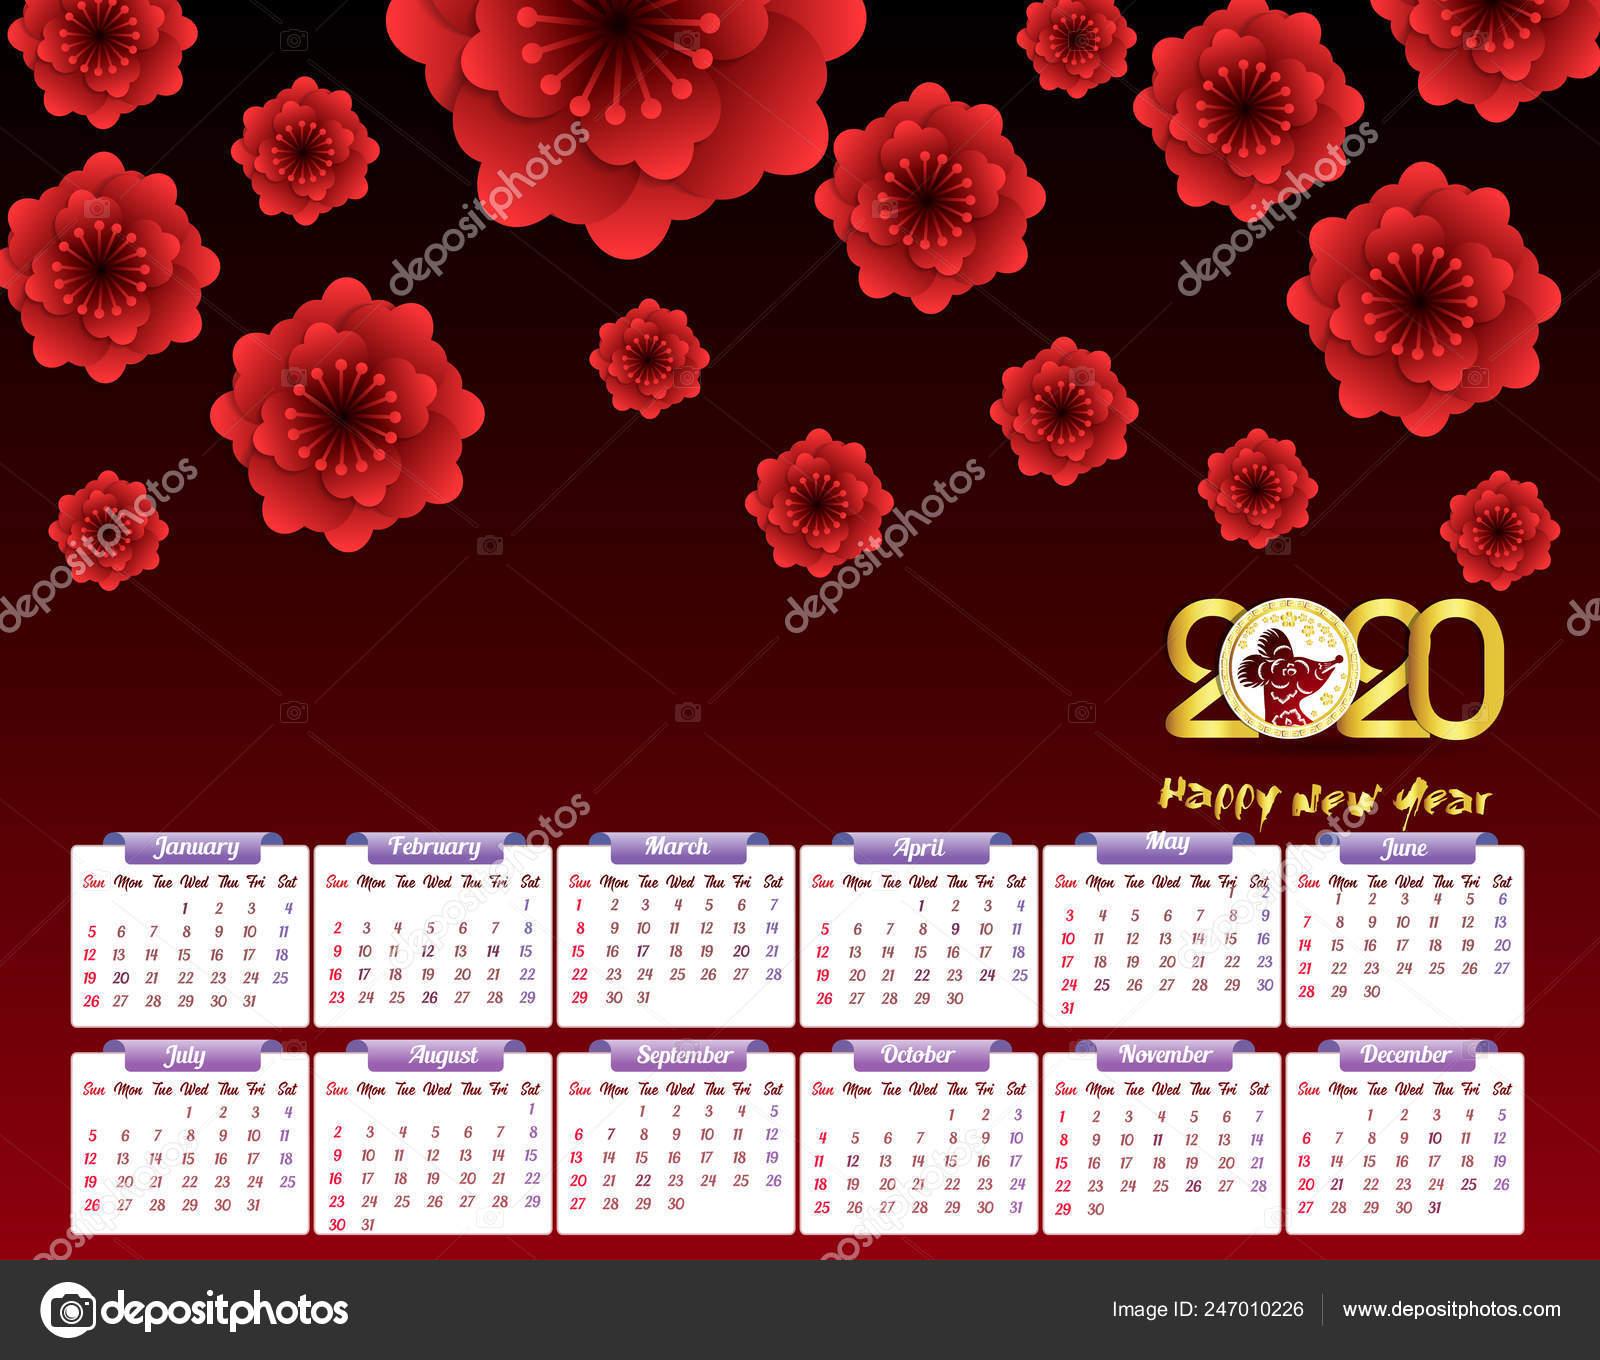 2020 Году Календарь Год Новый Год Мыши — Векторное